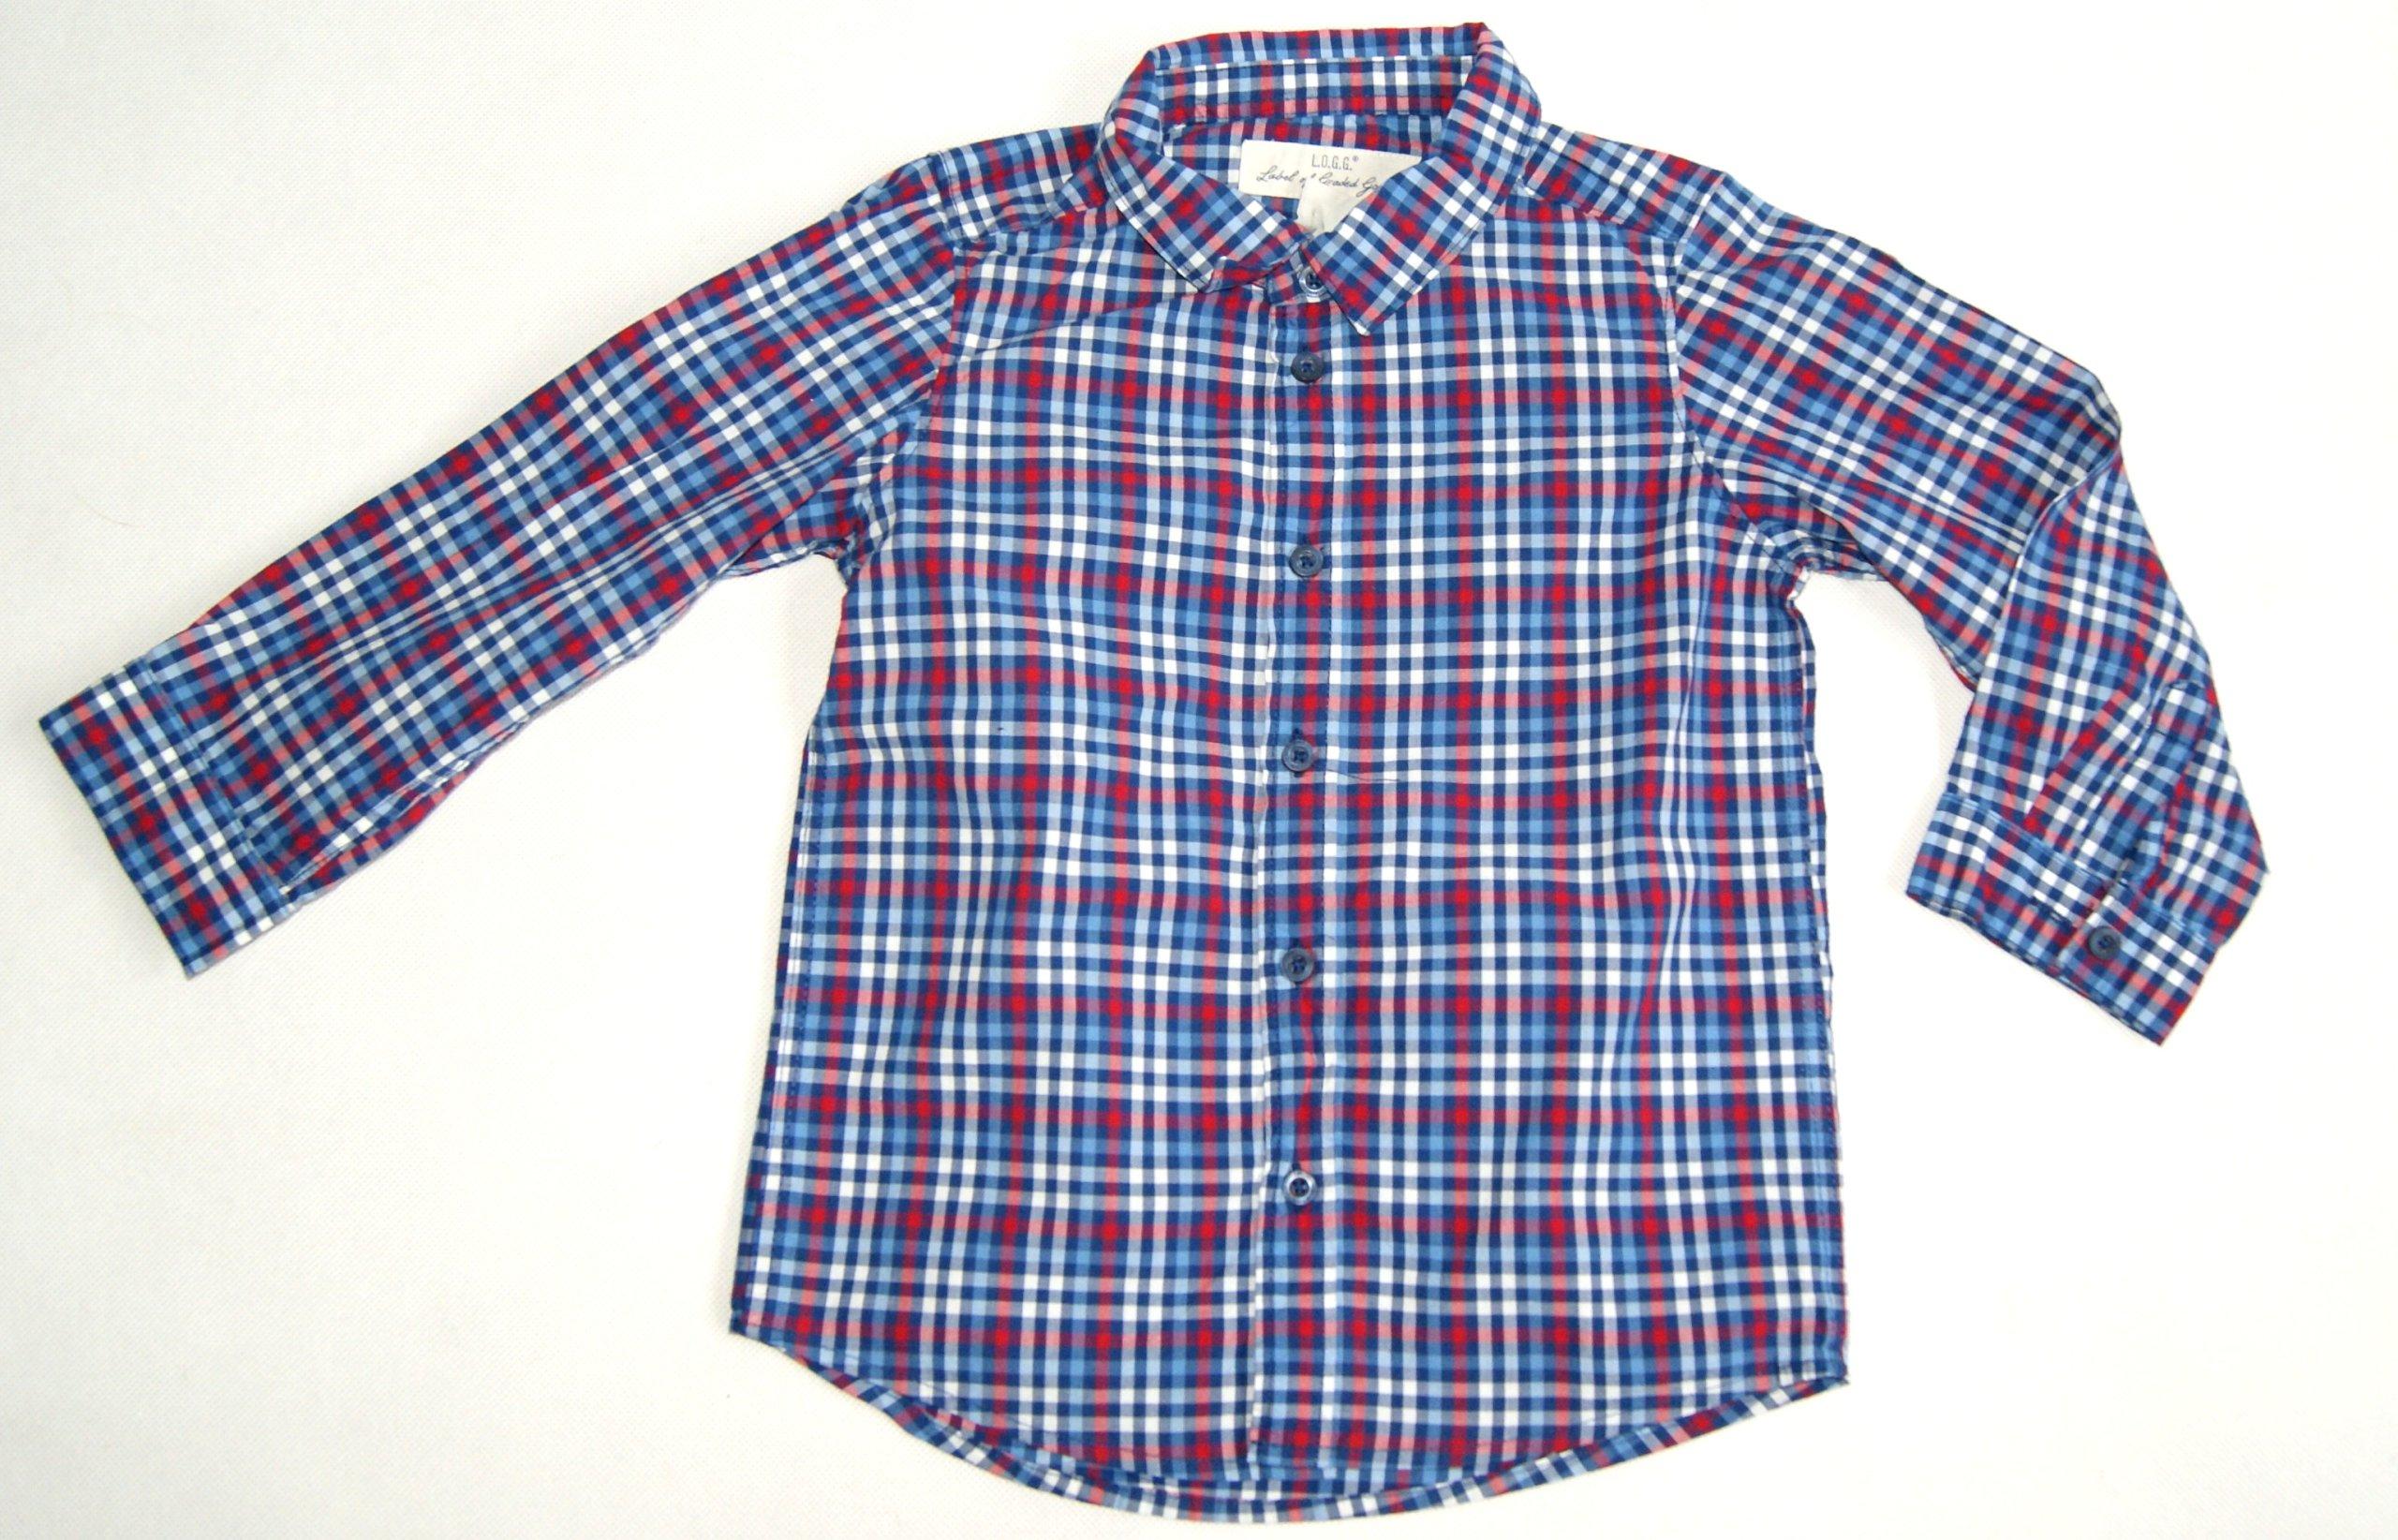 H&M 92 Sportowa Koszula Drobna Krateczka 7020791569  1S7P0